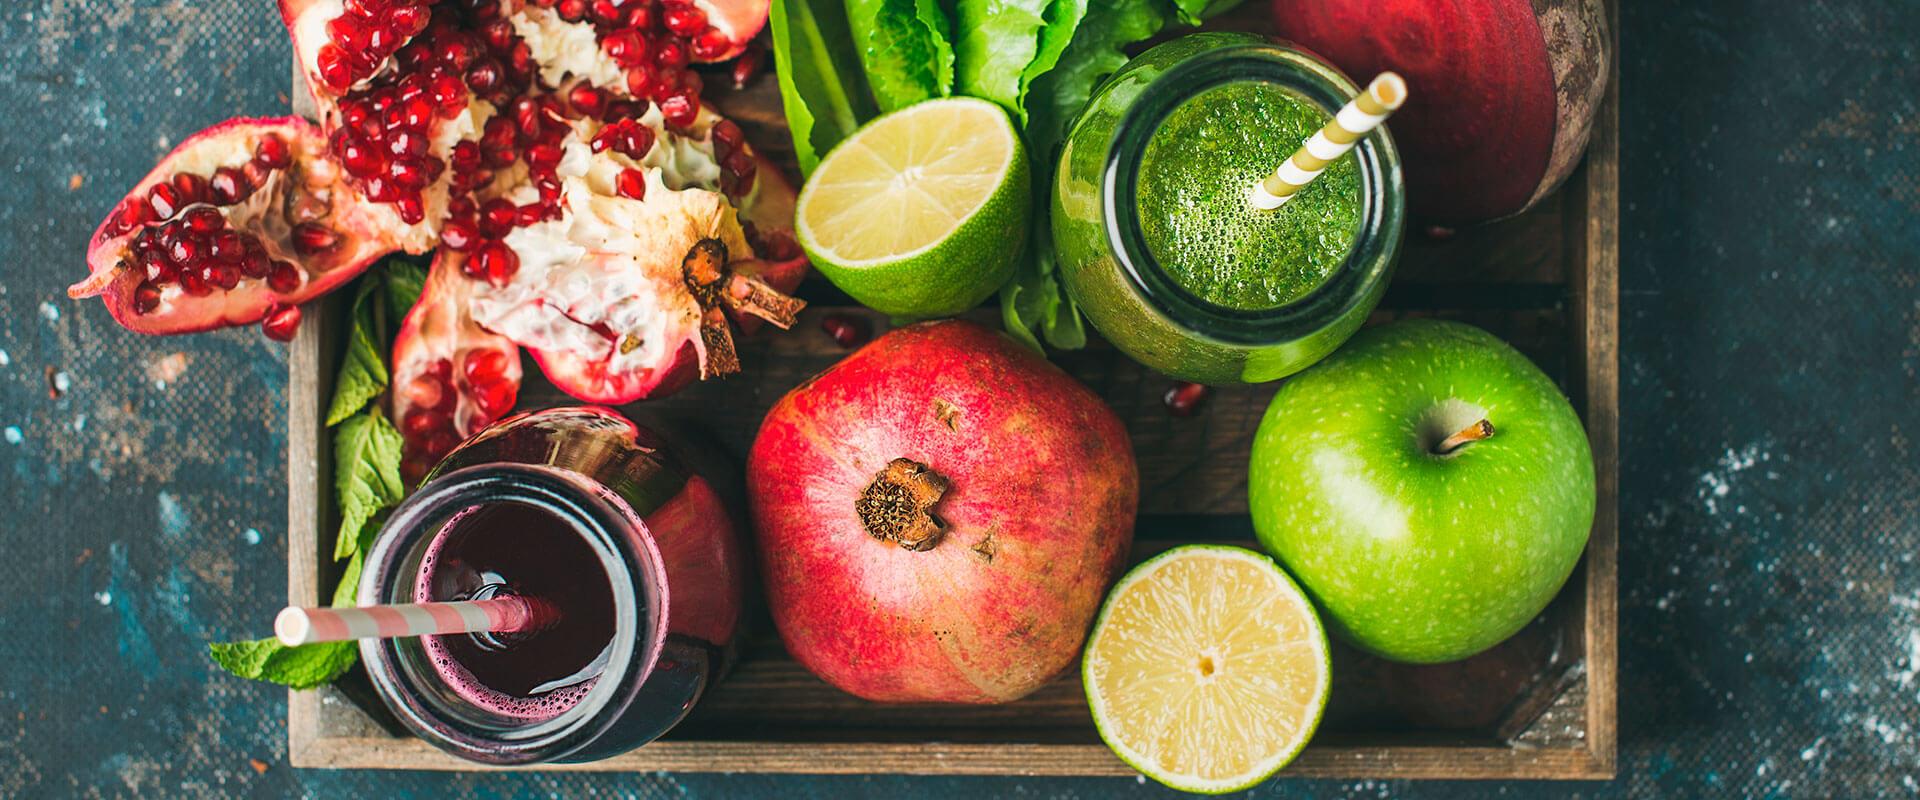 Fotografía de jugos naturales hechos con fruta.